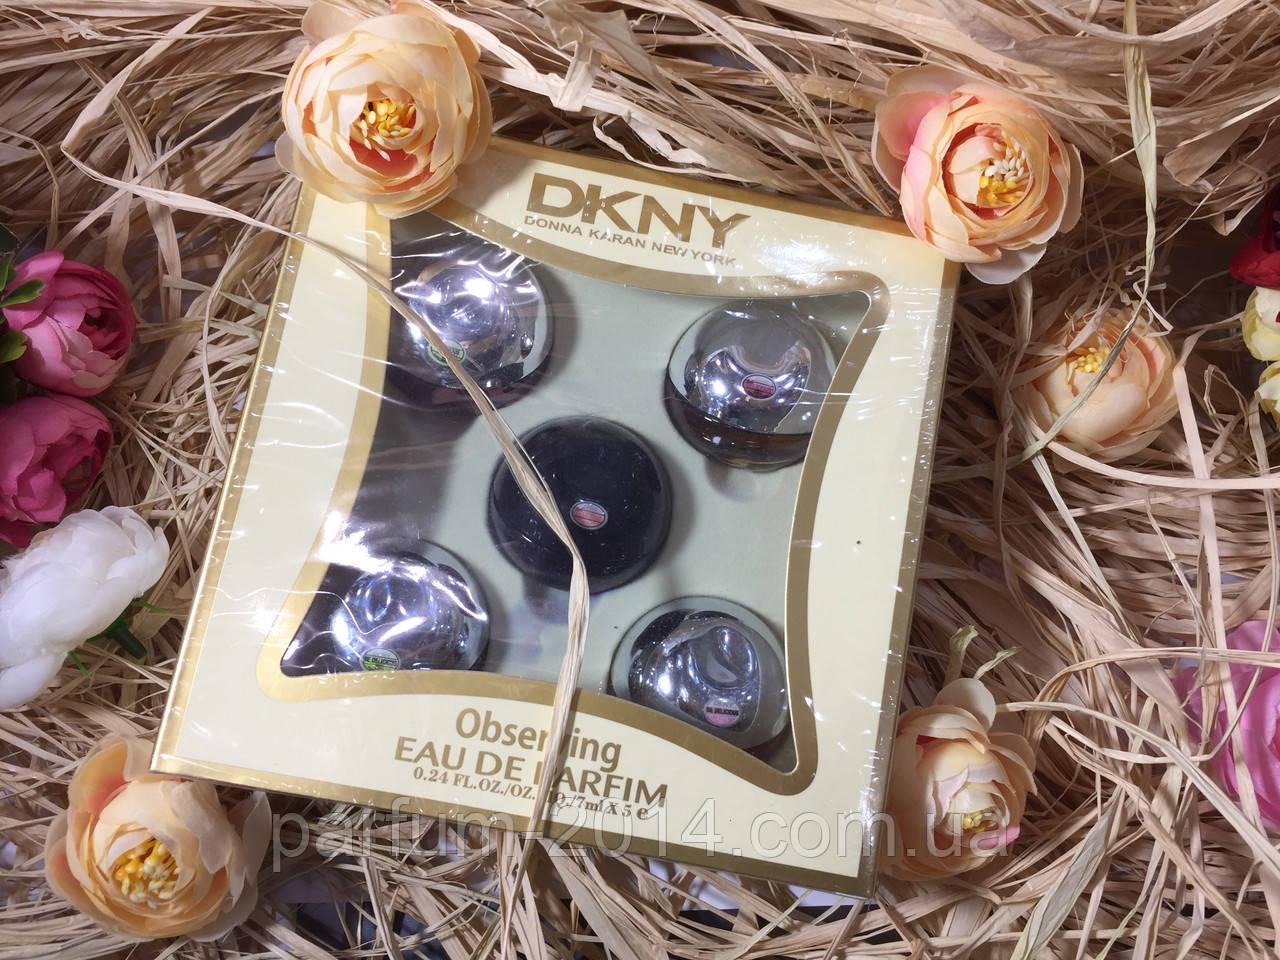 Подарунковий набір міні-парфумів PARFUM DKNY TRAVEL SET (репліка)